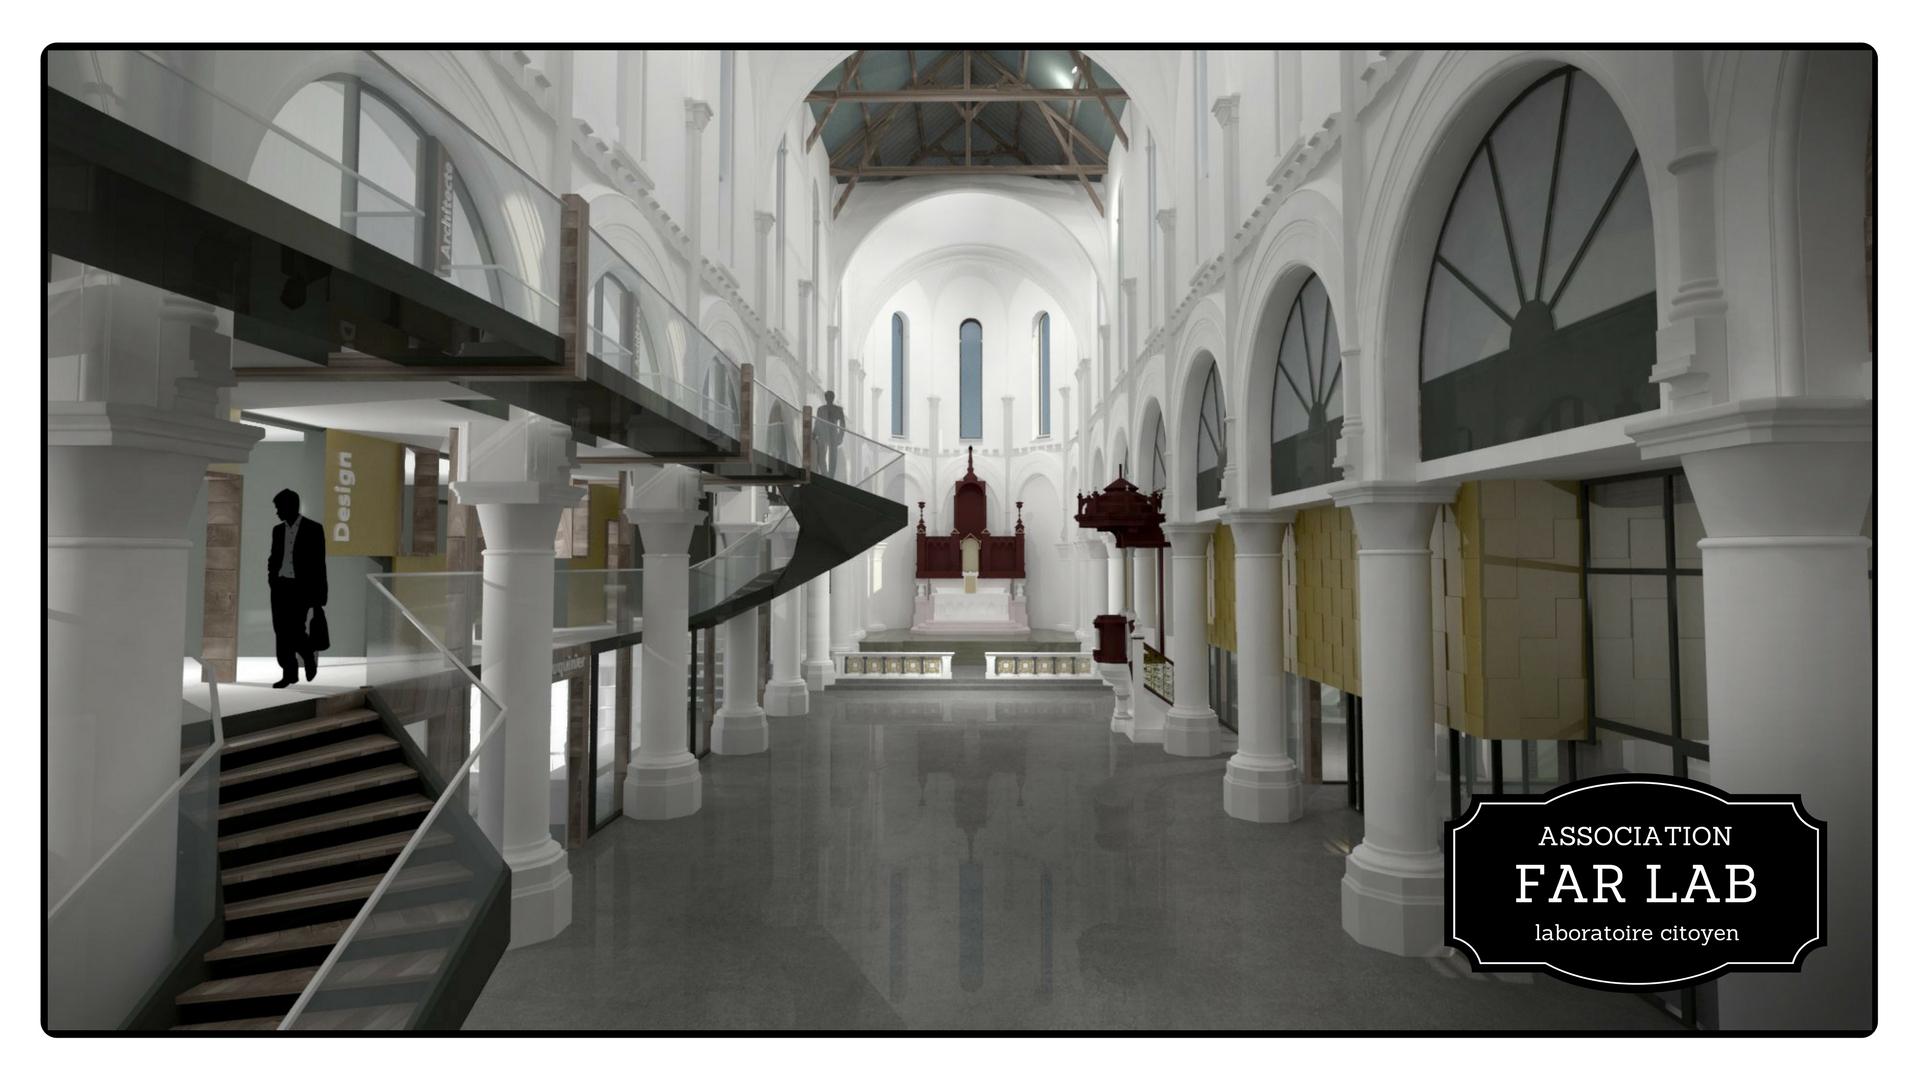 Vue de l'intérieur de l'ancienne église Saint Louis, devenu LE PHARE (image par Maxime Seurin, copyright  Maxime Seurin, architecte designer )